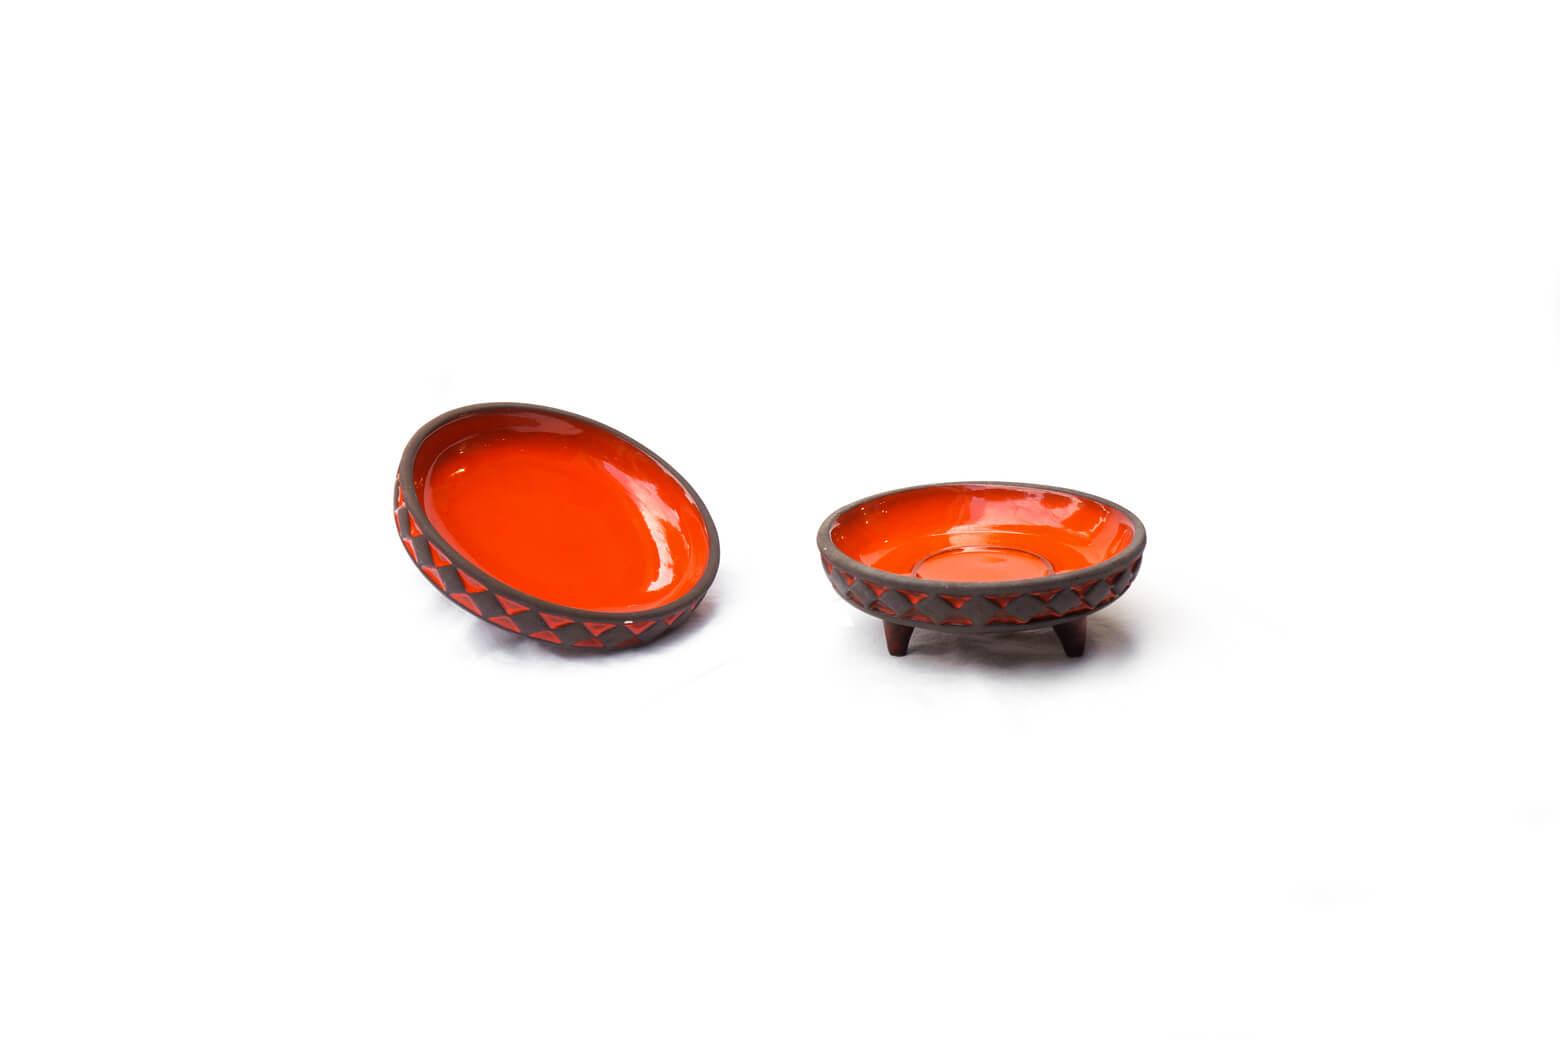 Frank Keramik Denmark orange pottery / フランク ケラミック デンマークヴィンテージ 北欧食器